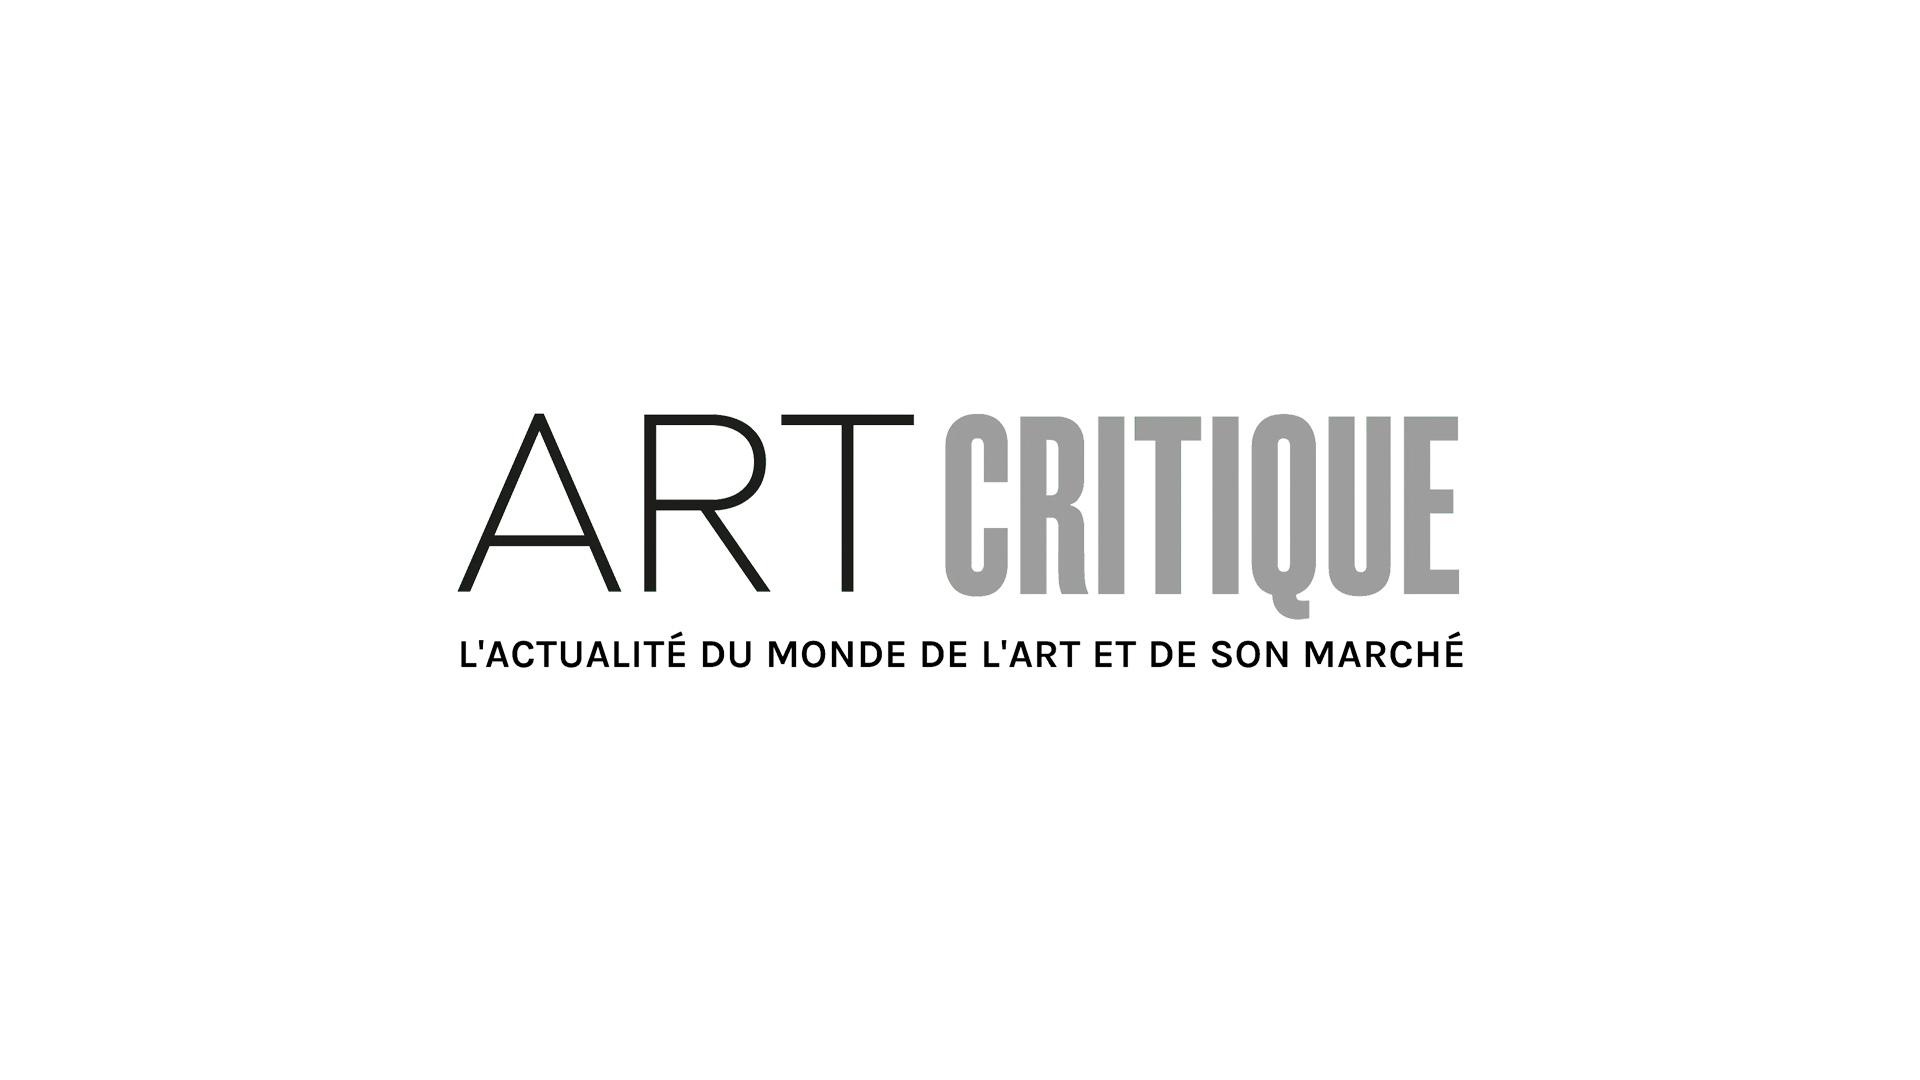 Hommage à l'artiste-plasticien Christo